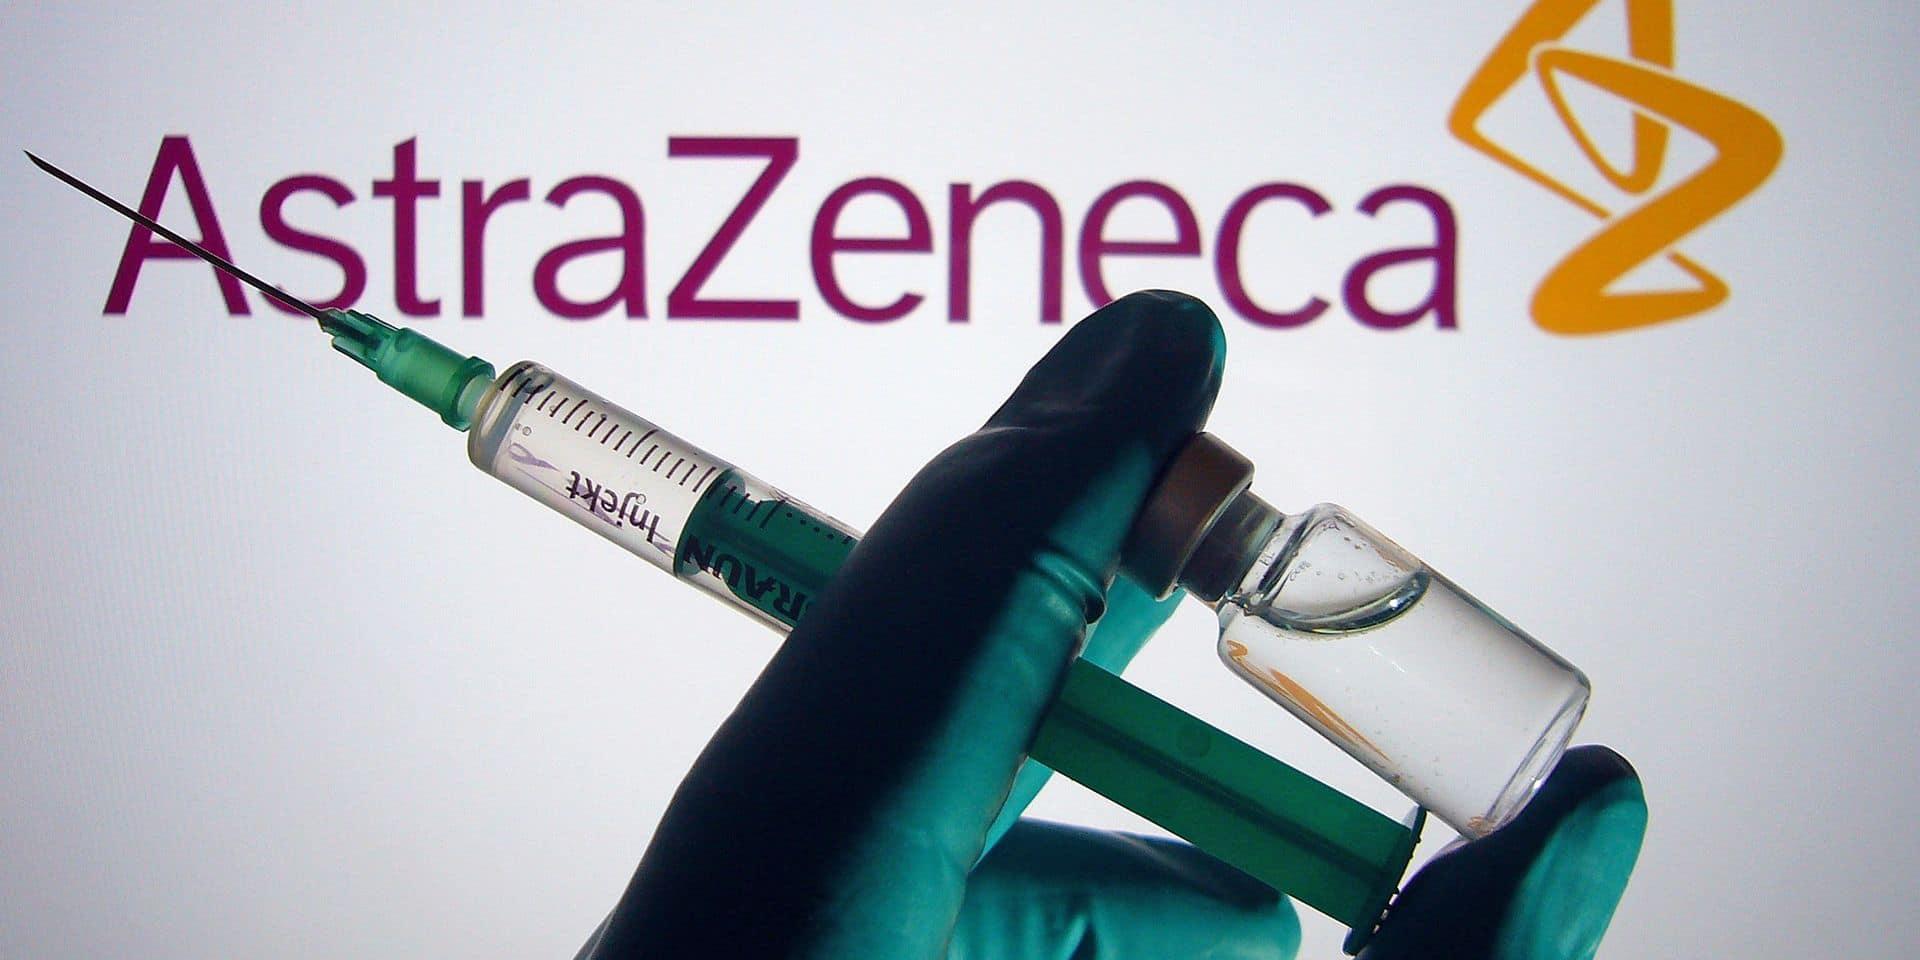 Feu vert pour le vaccin AstraZeneca-Oxford en Europe ? L'Agence des médicaments doit se prononcer aujourd'hui